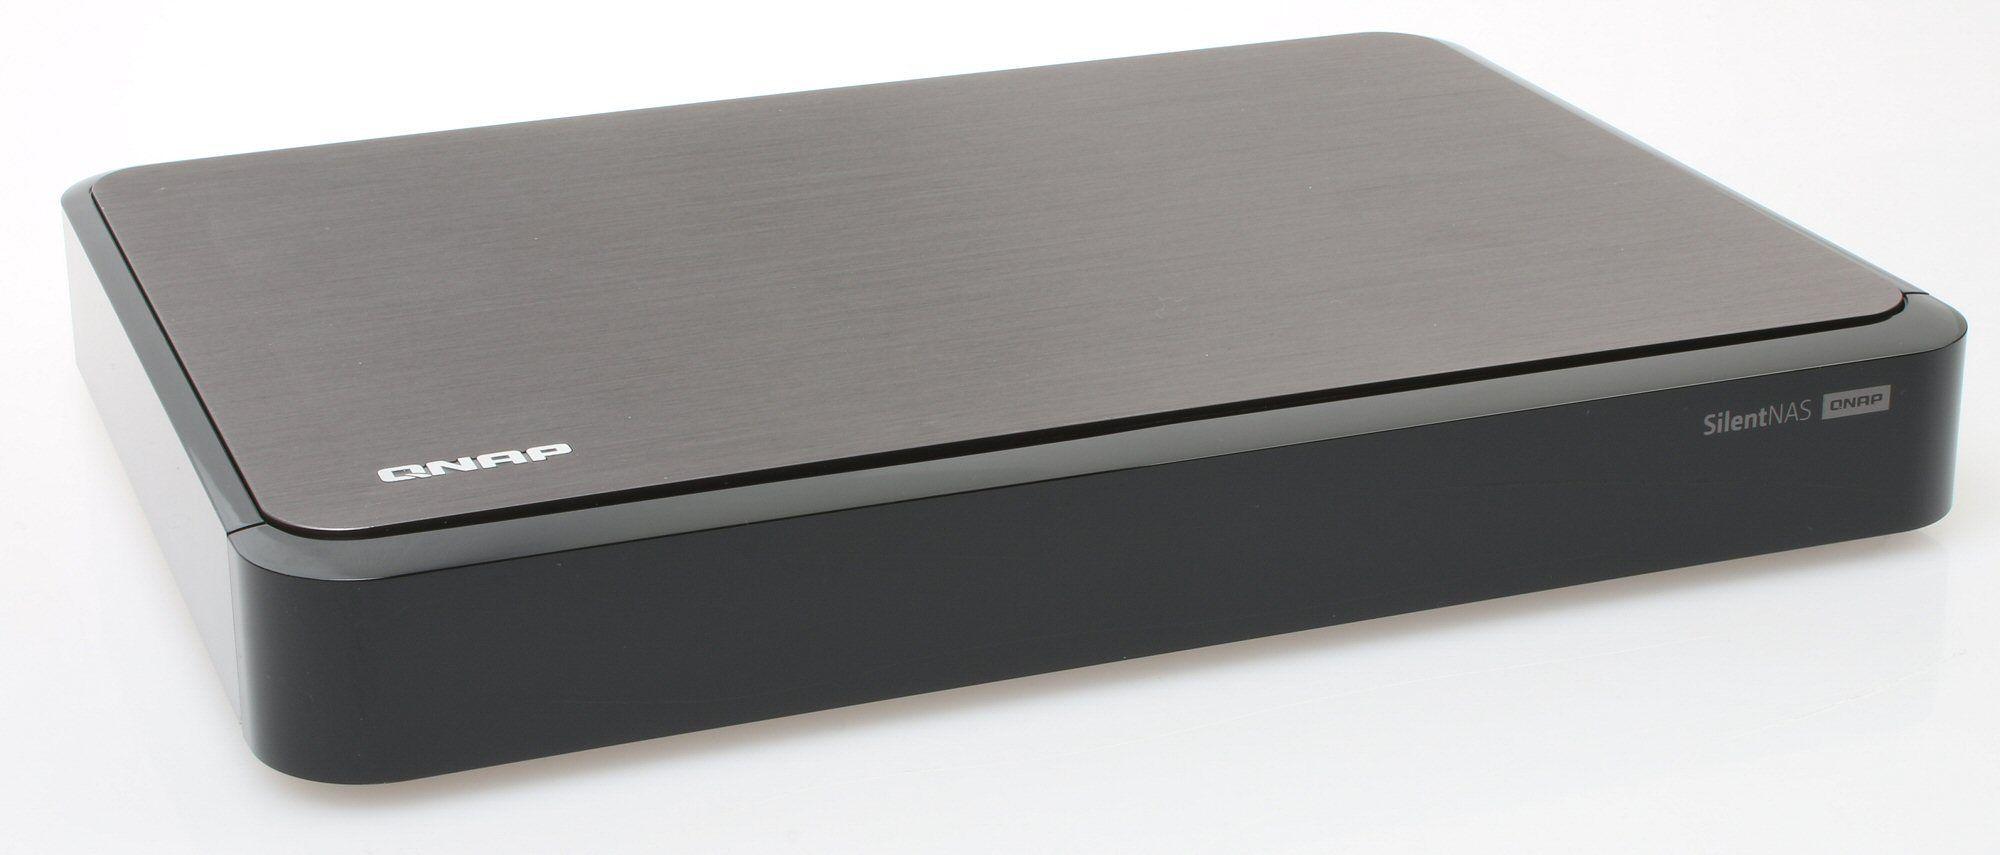 Flat og småelegant, med en tykk metallplate på toppen. Foto: Vegar Jansen, Tek.no